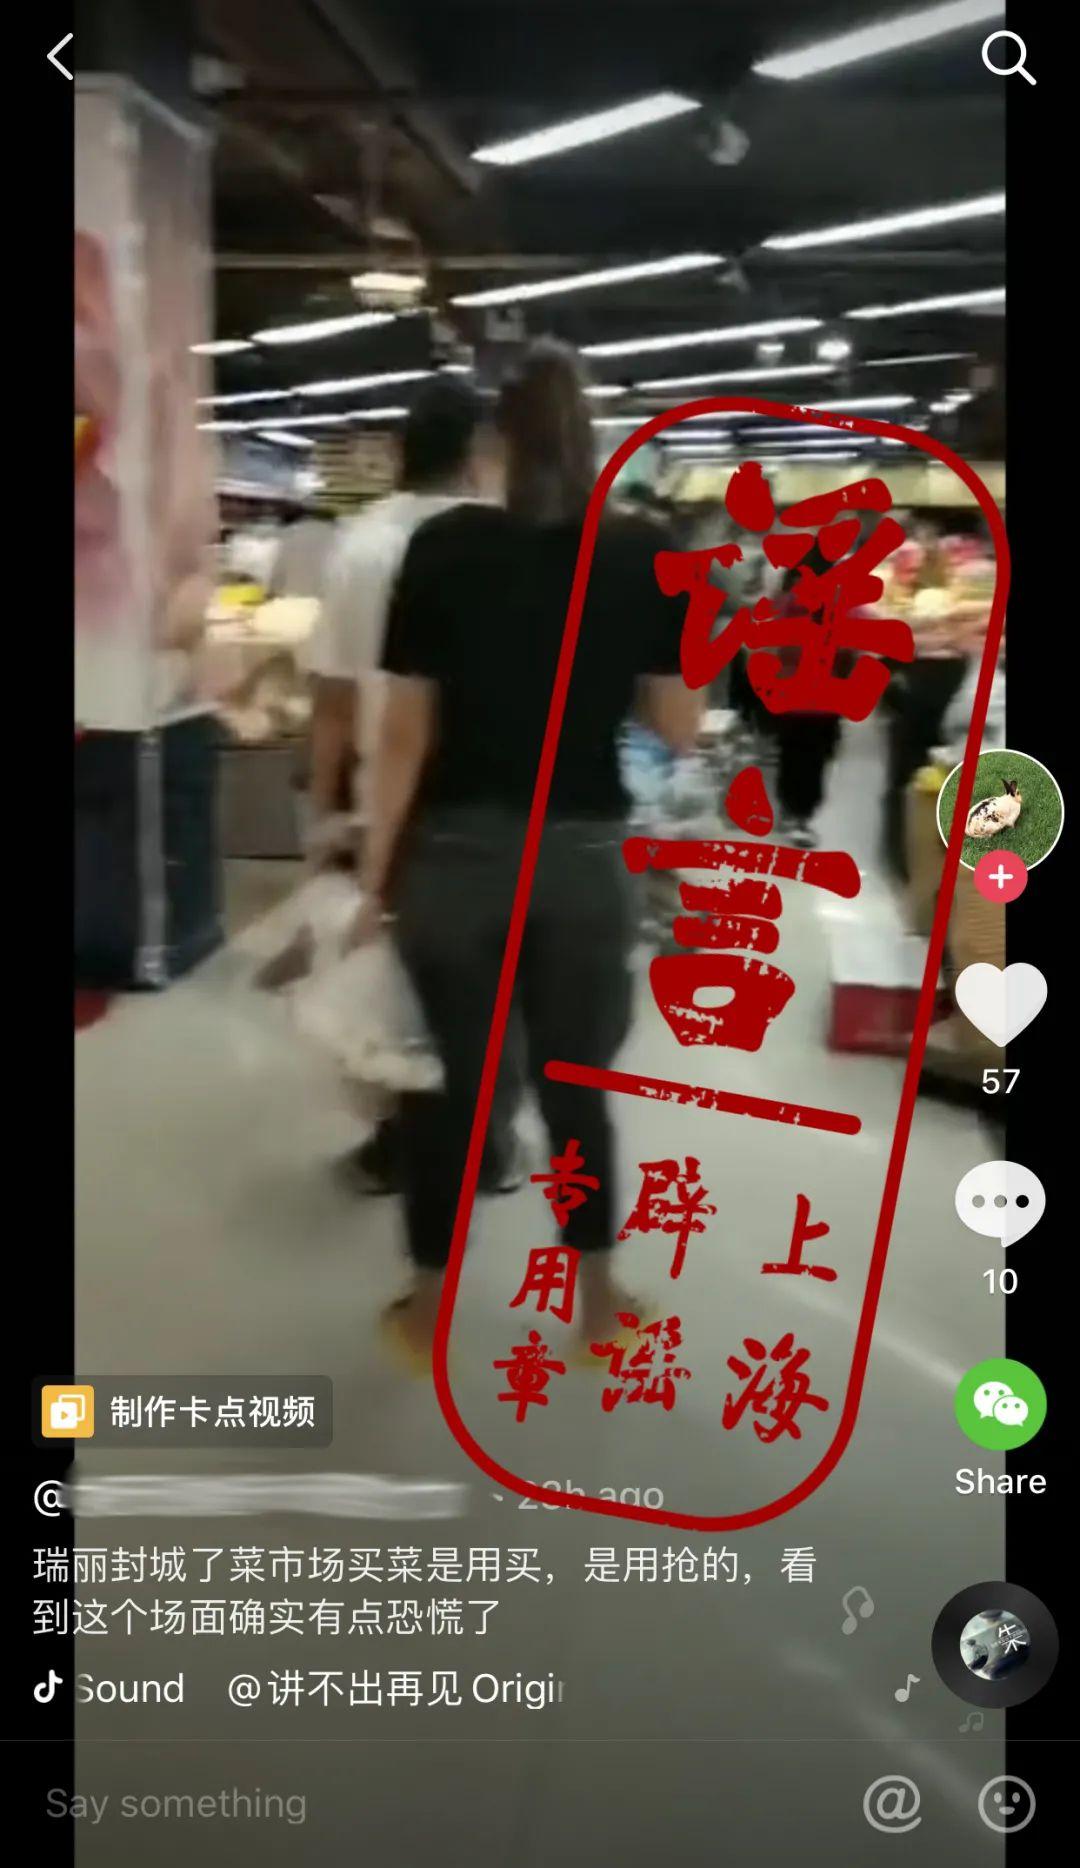 全城买菜、超市搬空、肉价暴涨?云南瑞丽市政府回应:传言不实图片